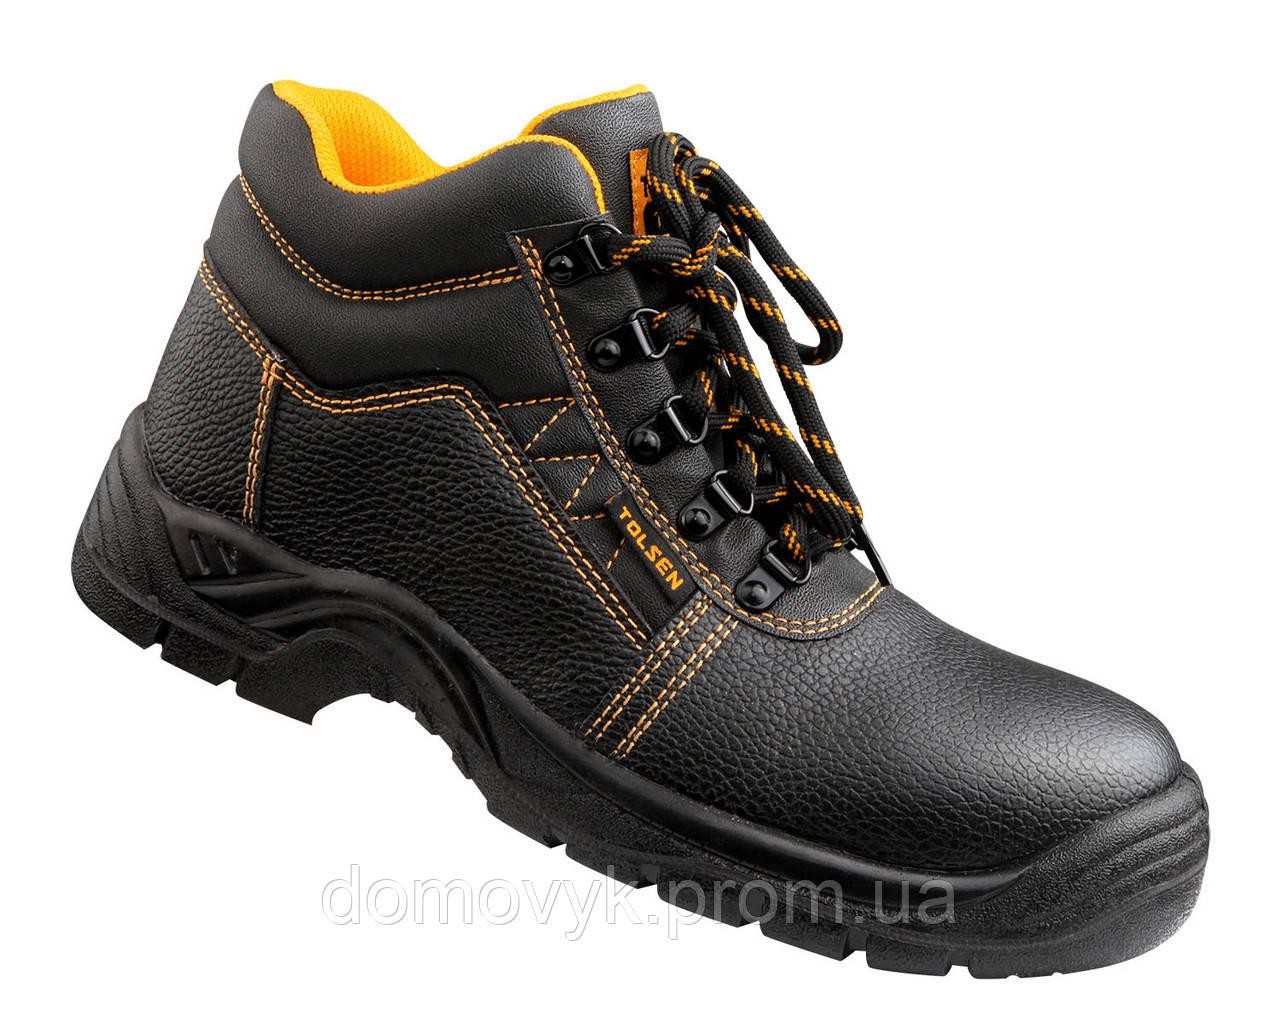 Ботинки профессиональные с защитой р.44 Tolsen (45356)